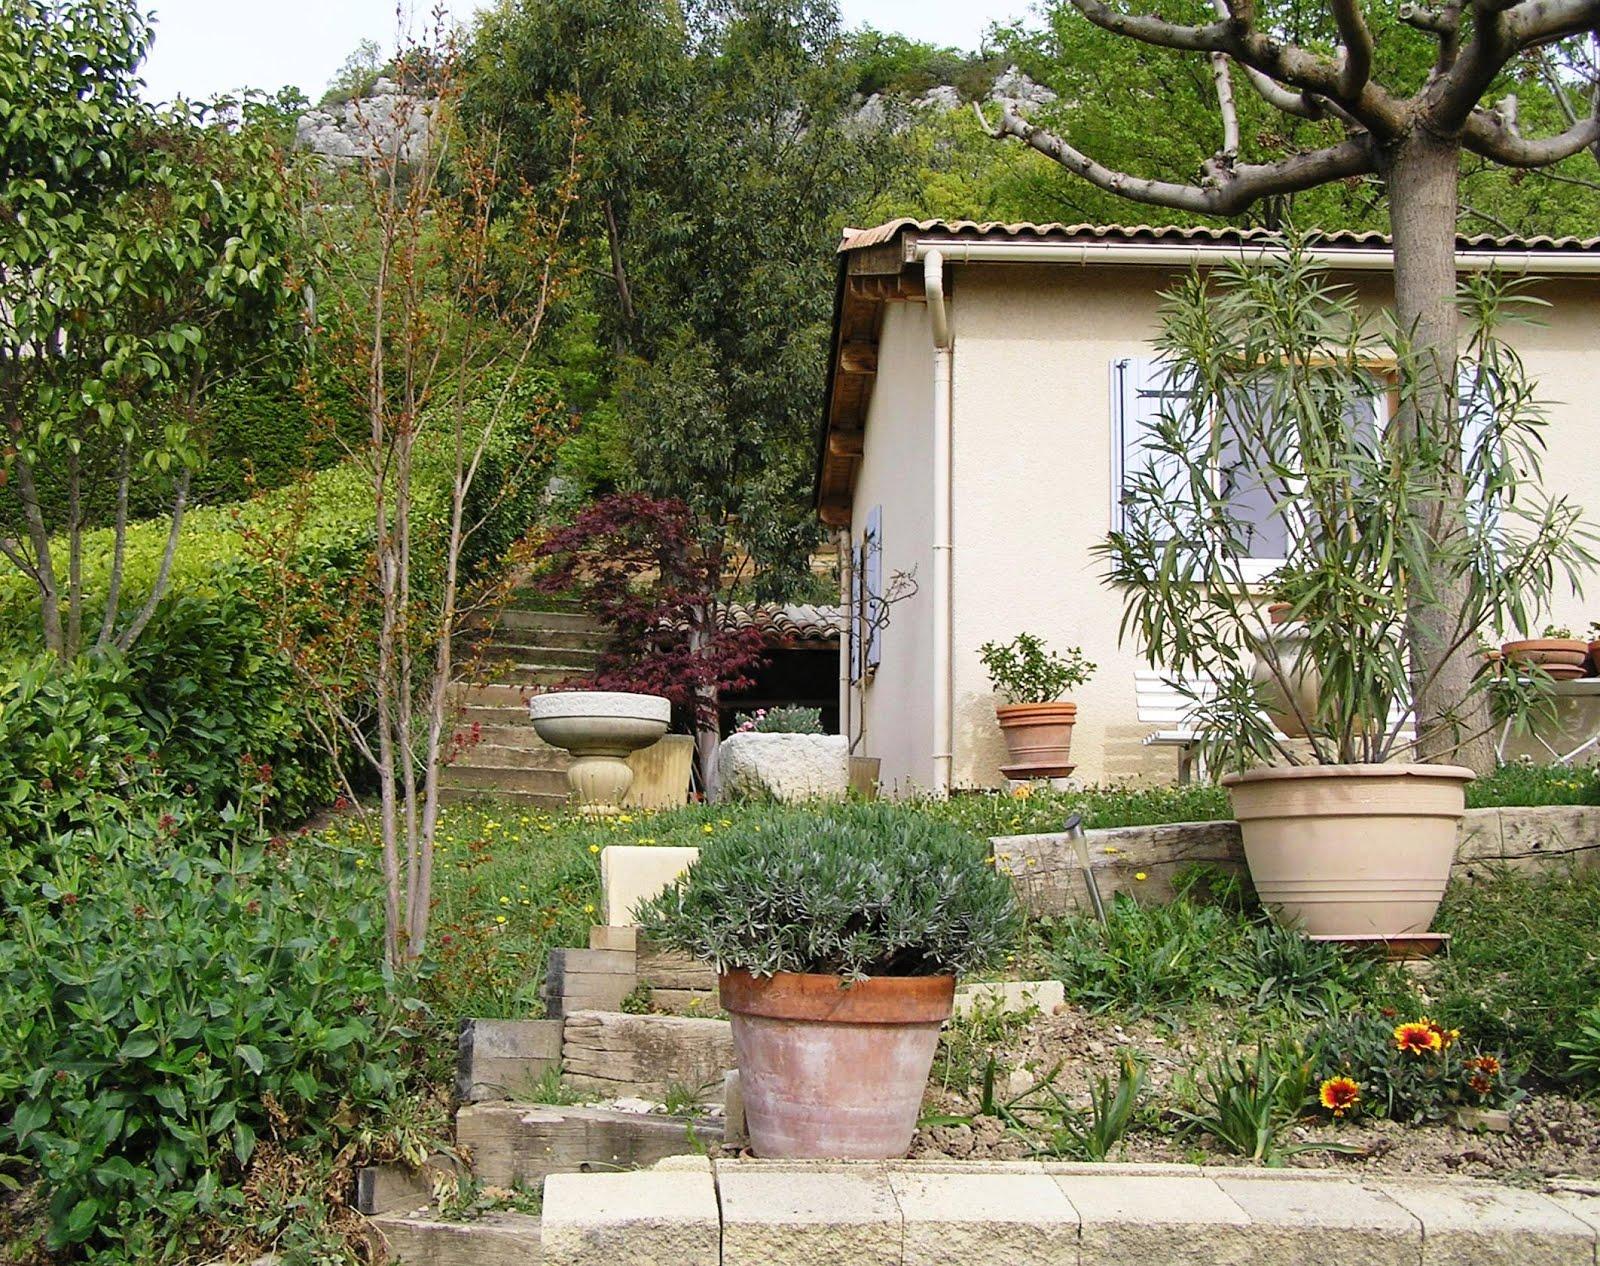 Achat maison peipin sisteron 04200 maison r alis e par for Jardin 04200